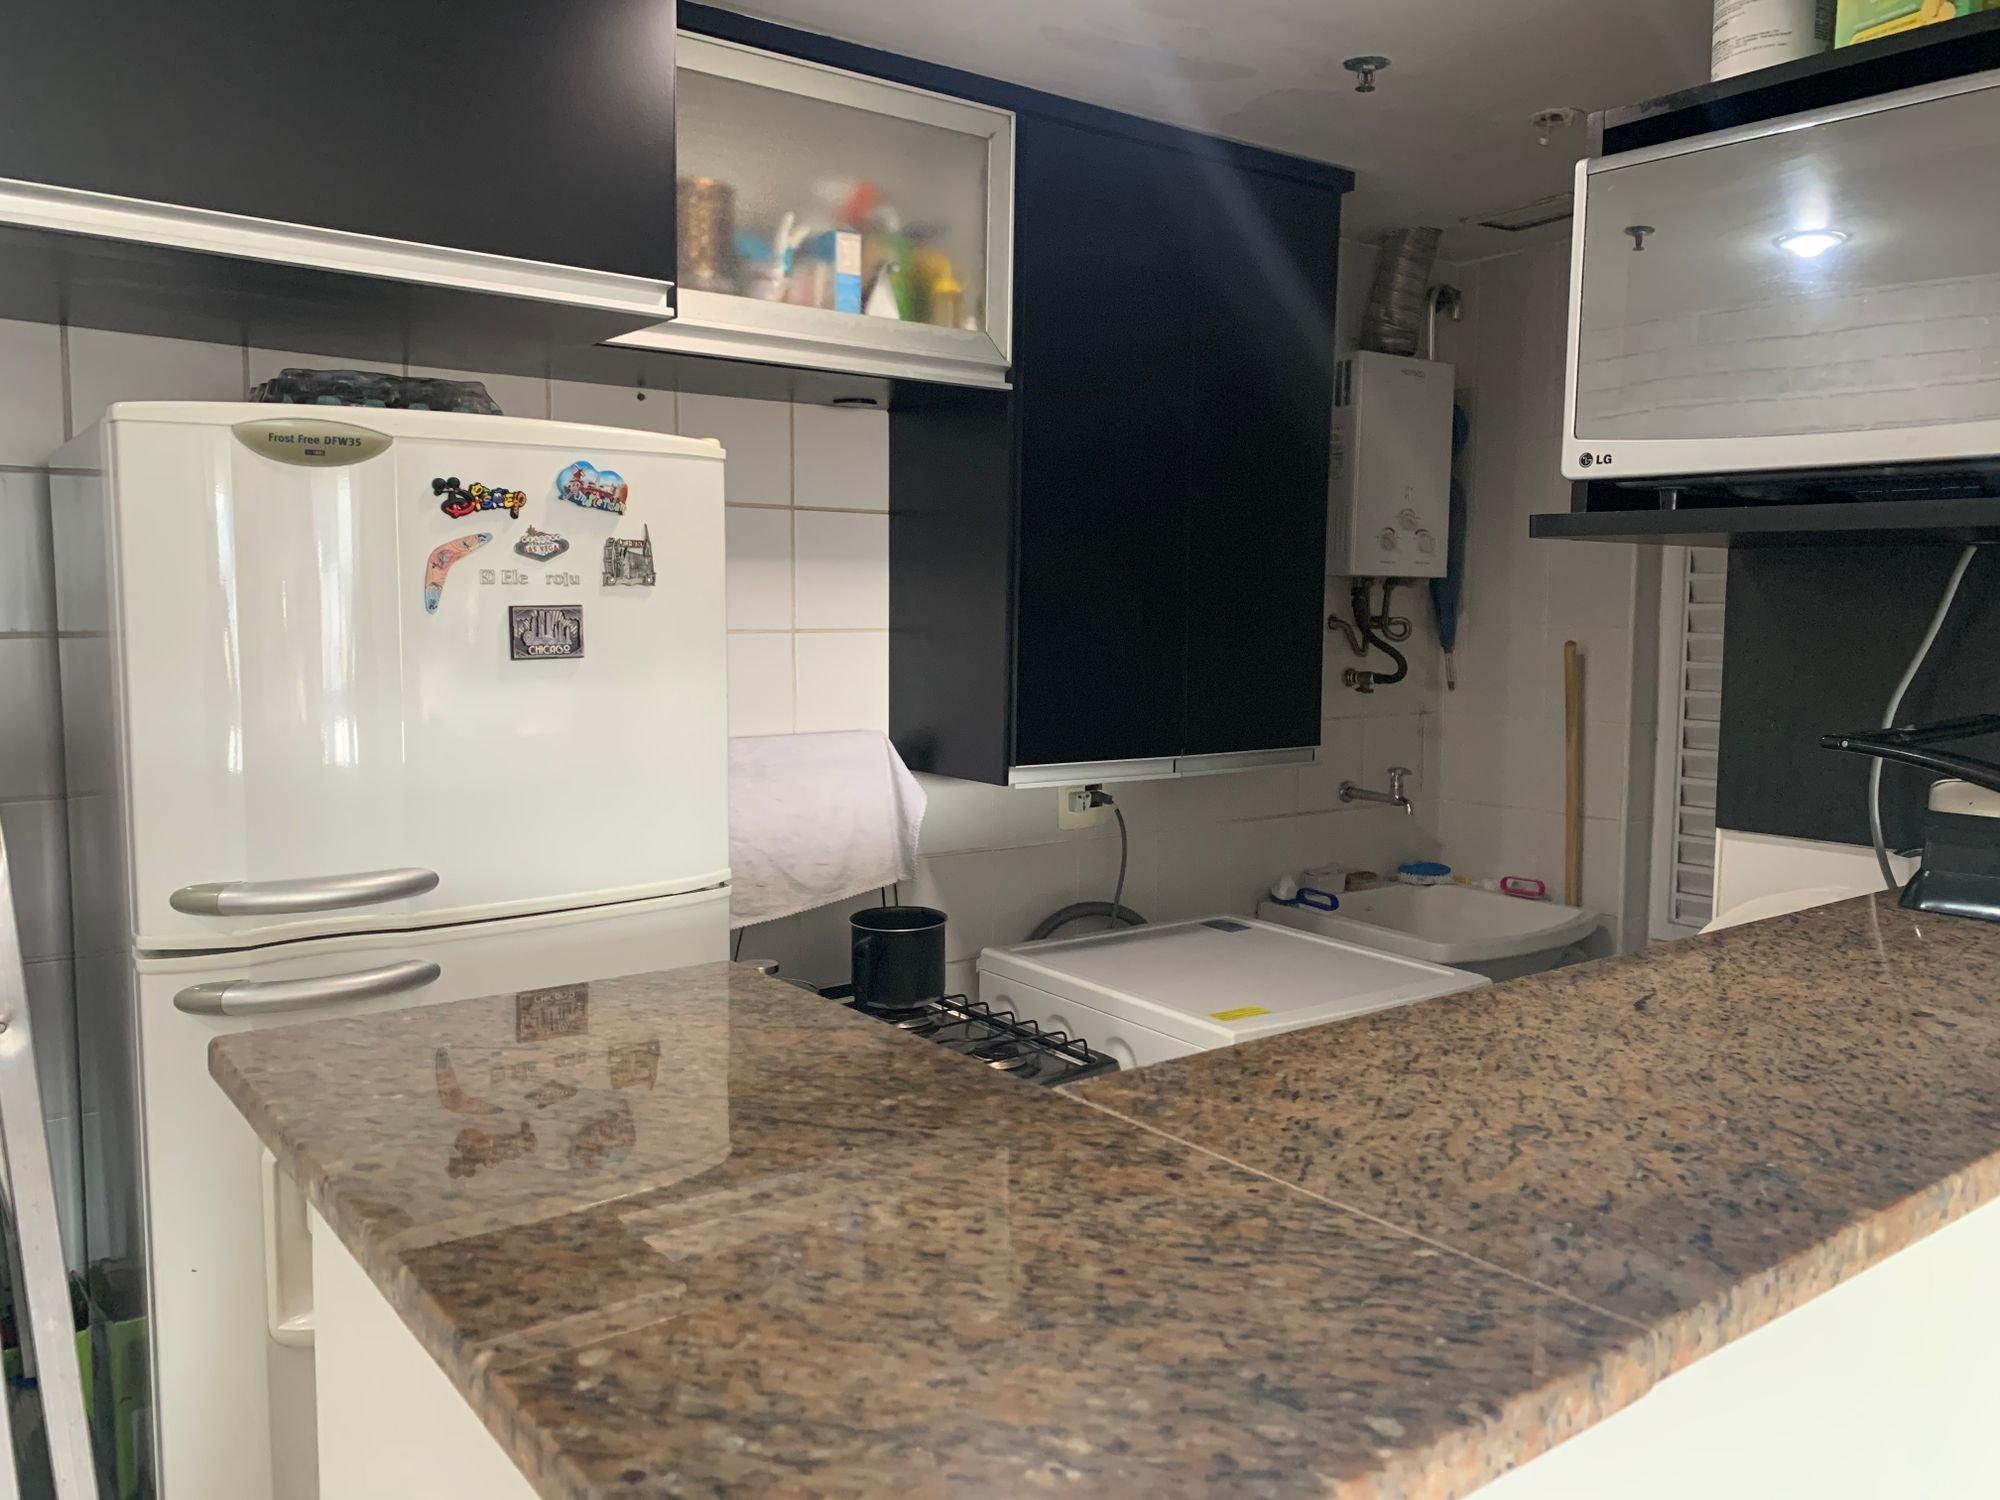 Foto de Cozinha com geladeira, televisão